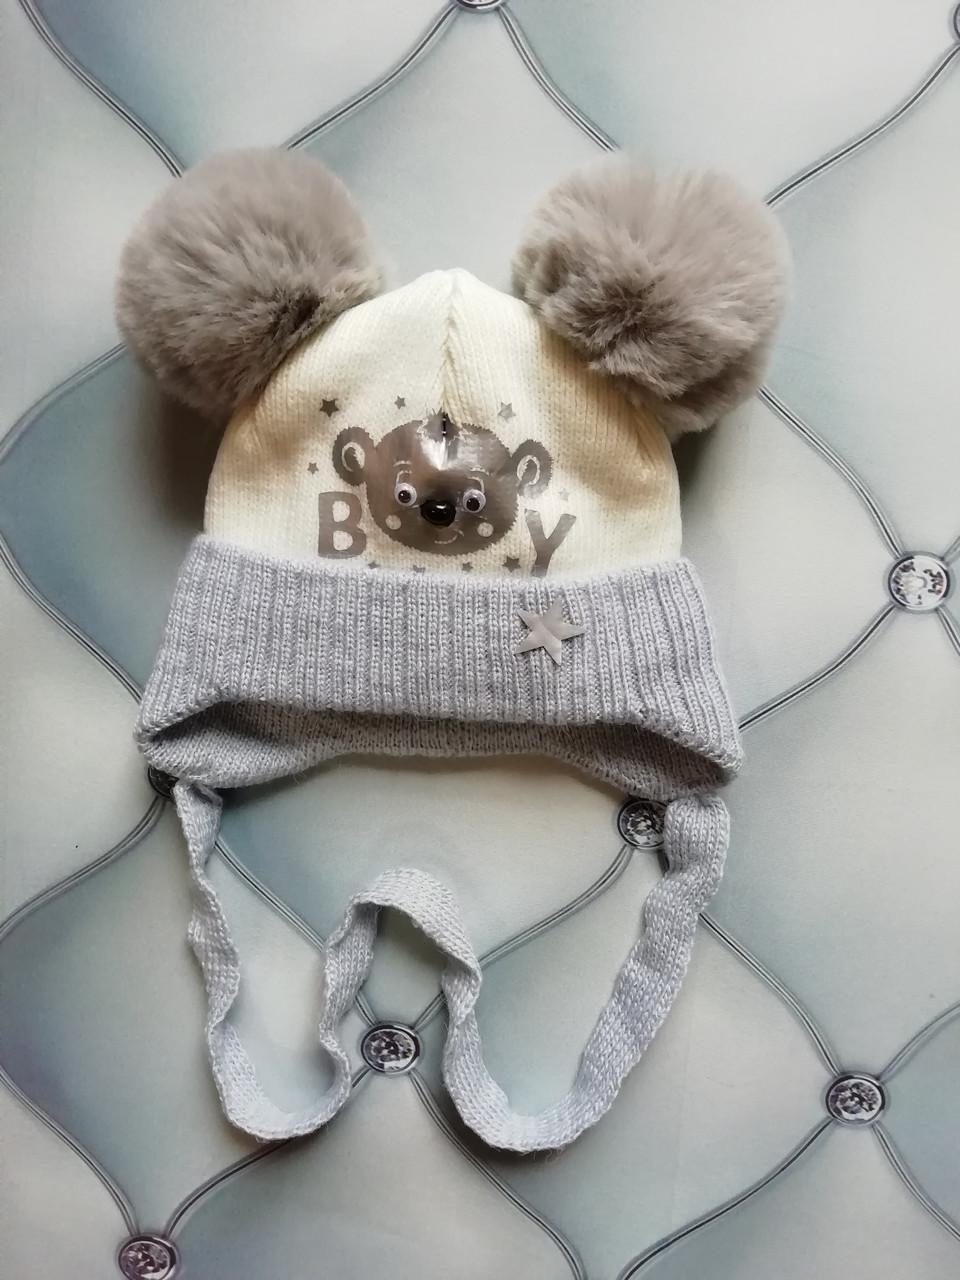 Вязаная шапка для новорожденного мальчика на махре Мишка Boy, р. 36-38, серая с белым